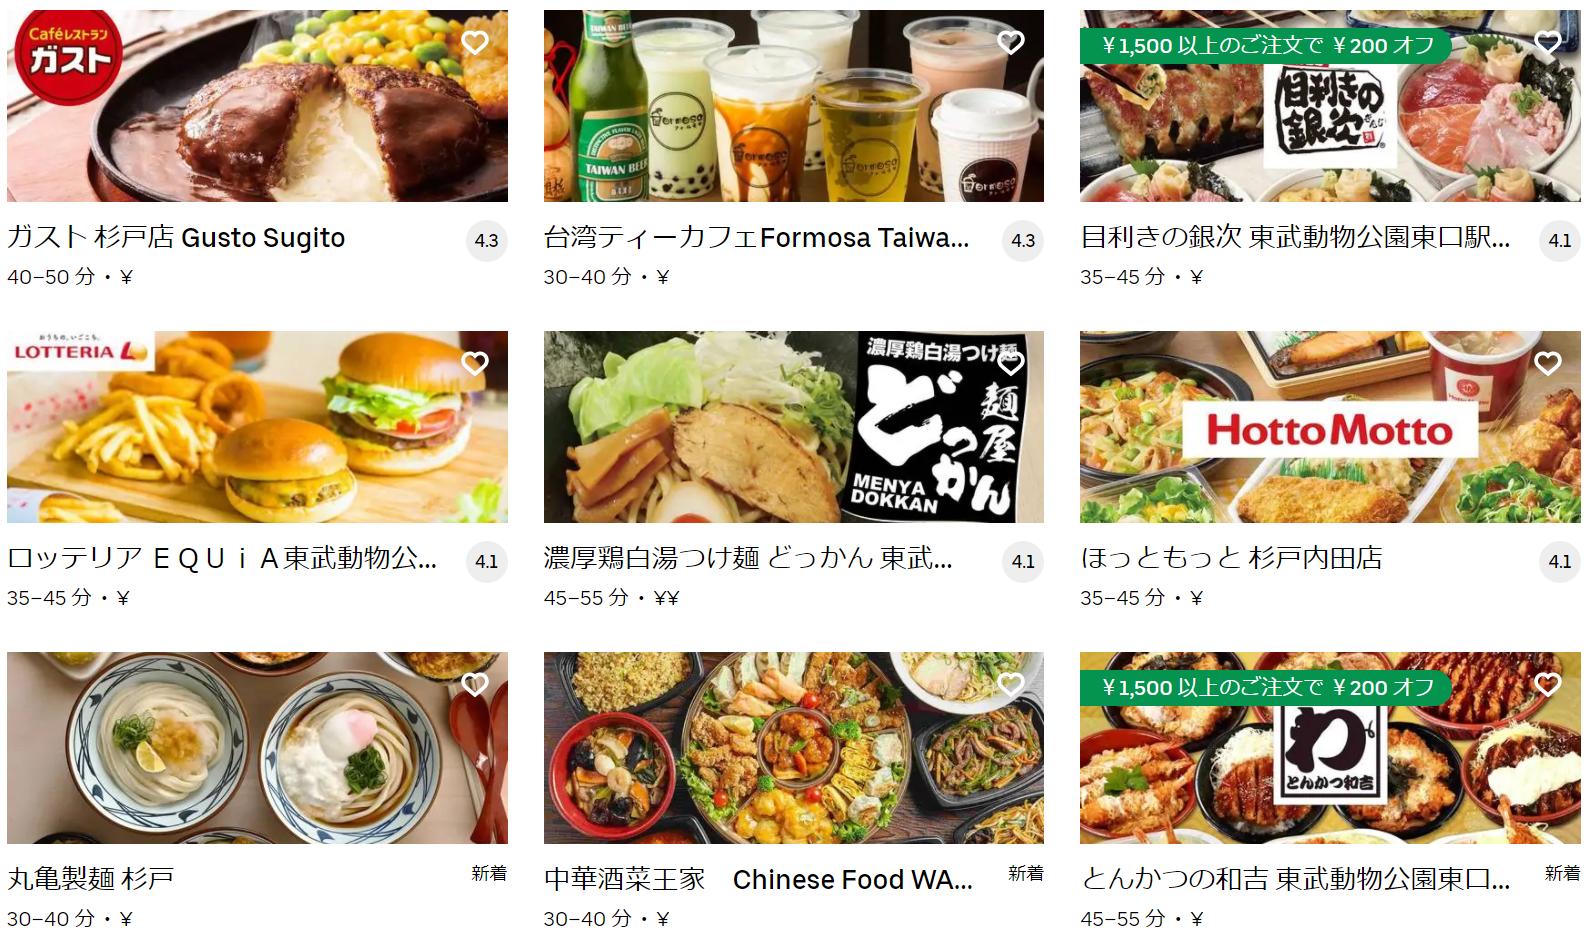 杉戸町エリアのおすすめUber Eats(ウーバーイーツ)メニュー